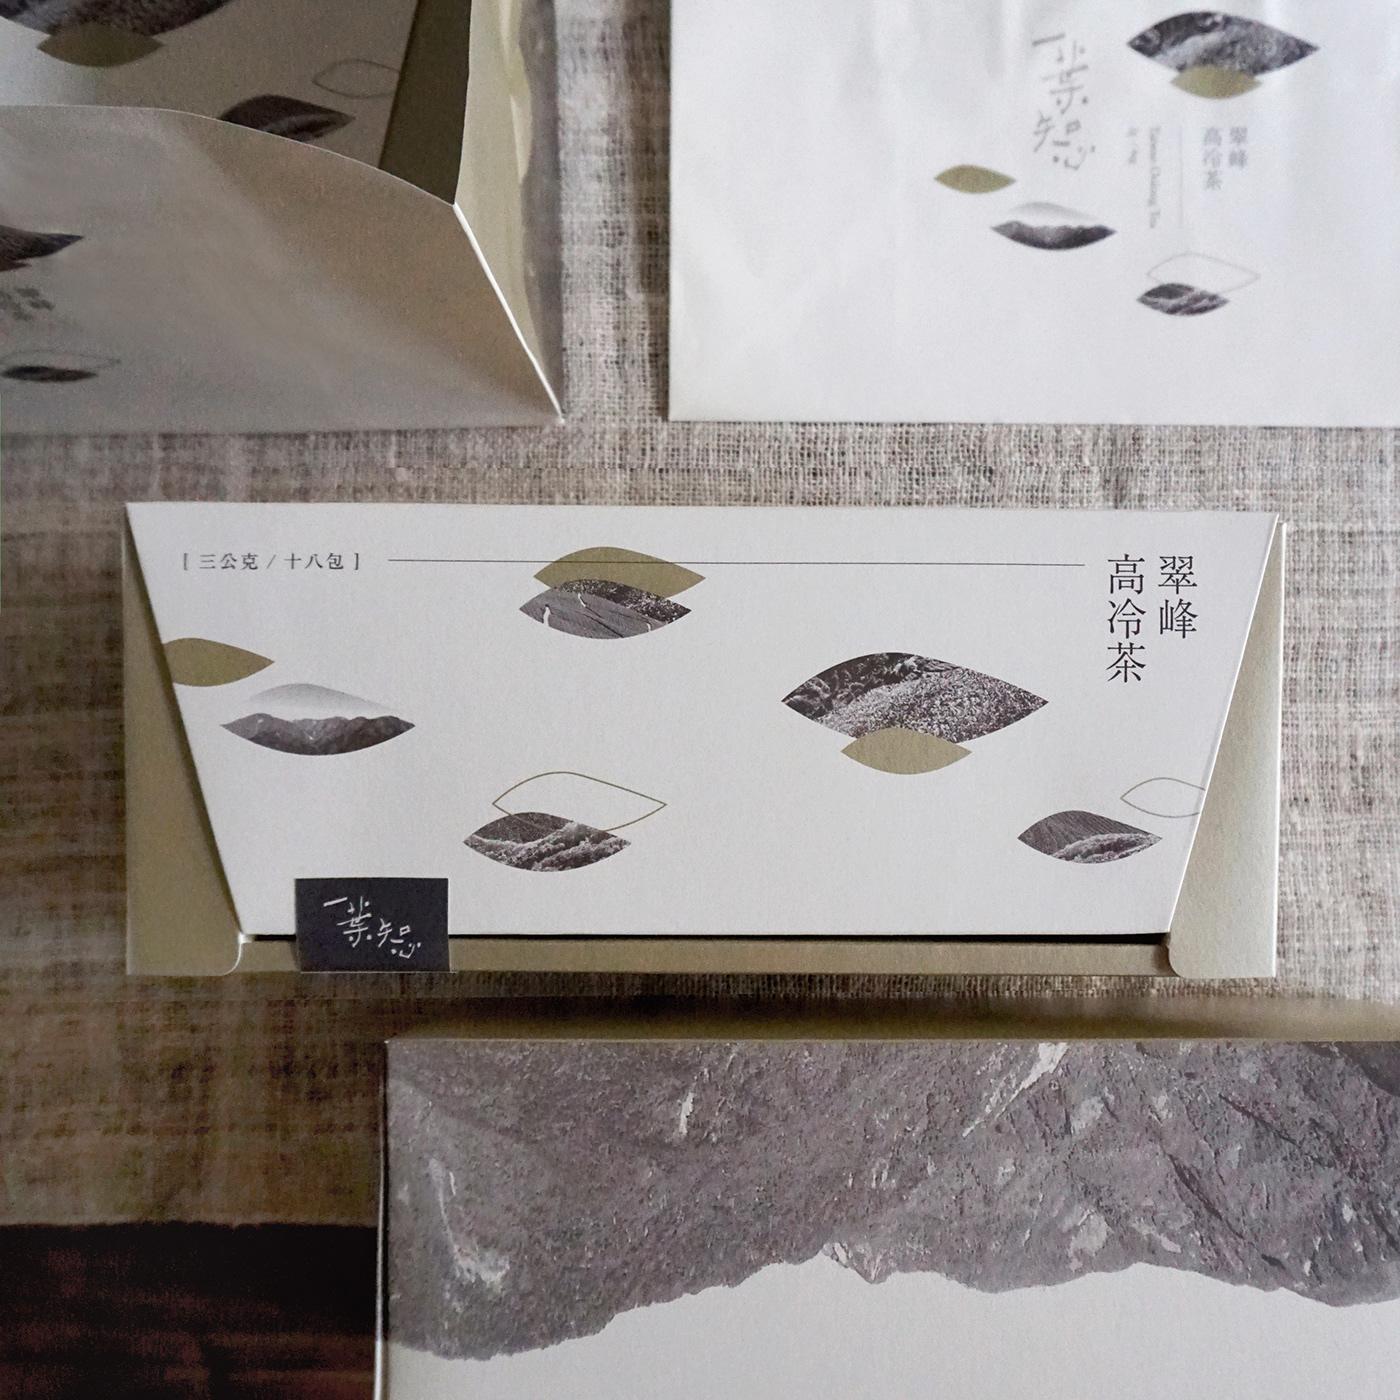 優秀的15套茶葉包裝設計欣賞